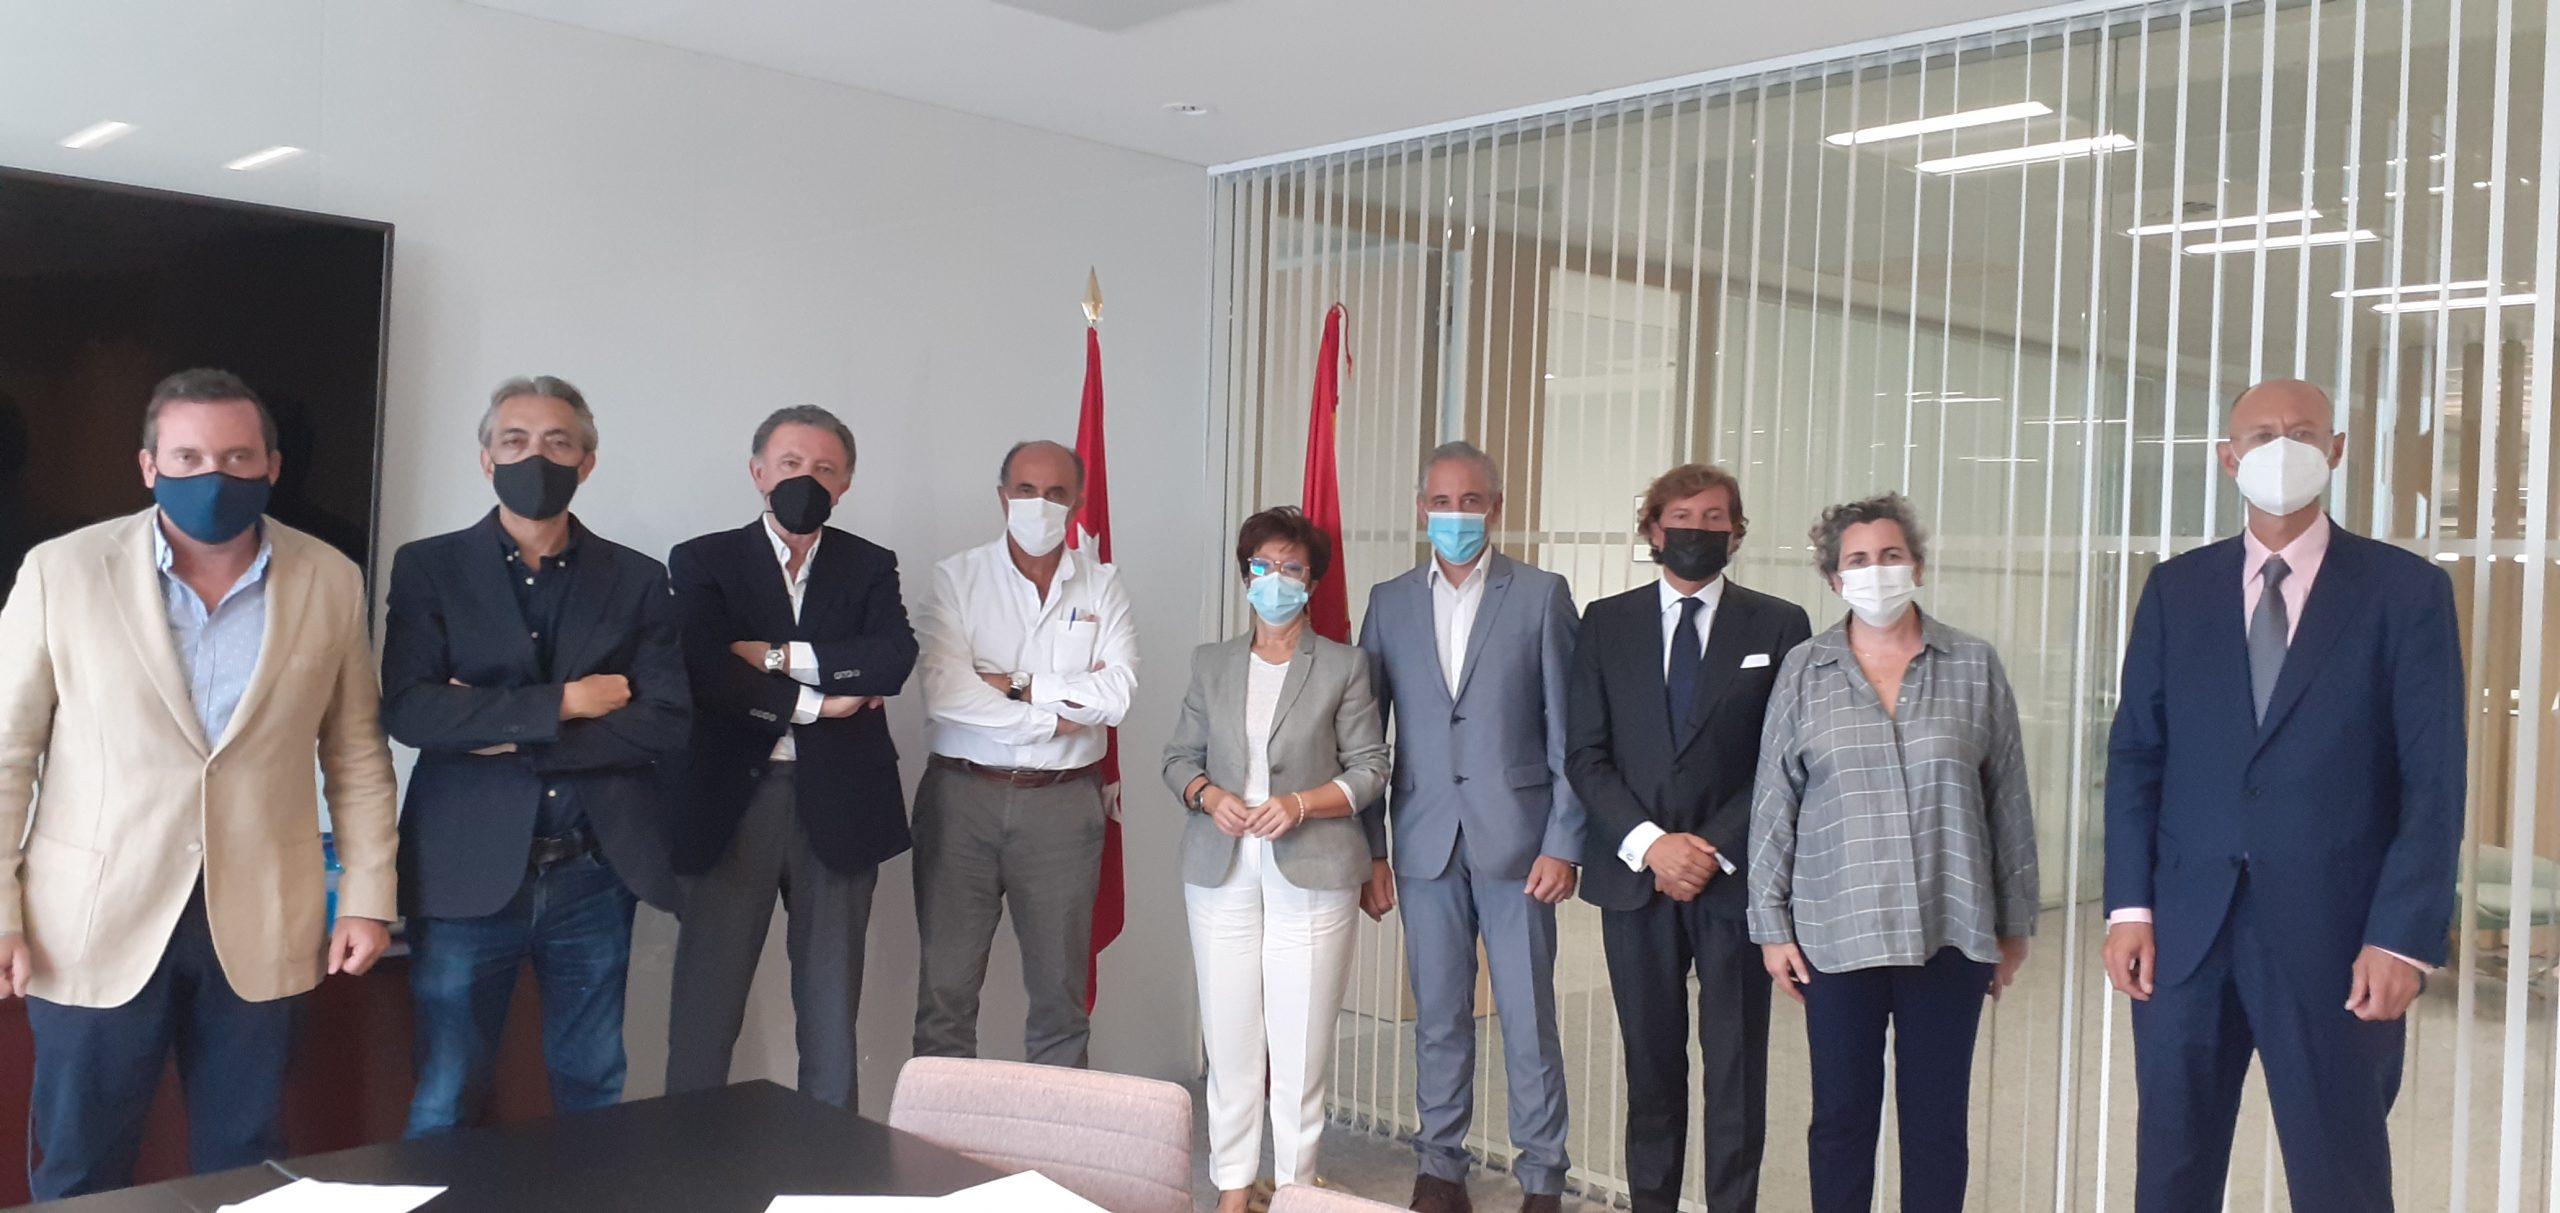 Hostelería Madrid se reúne con el viceconsejero de sanidad para solicitar la reducción e la distancia de 1,5m a 1,2m en hostelería - La Viña